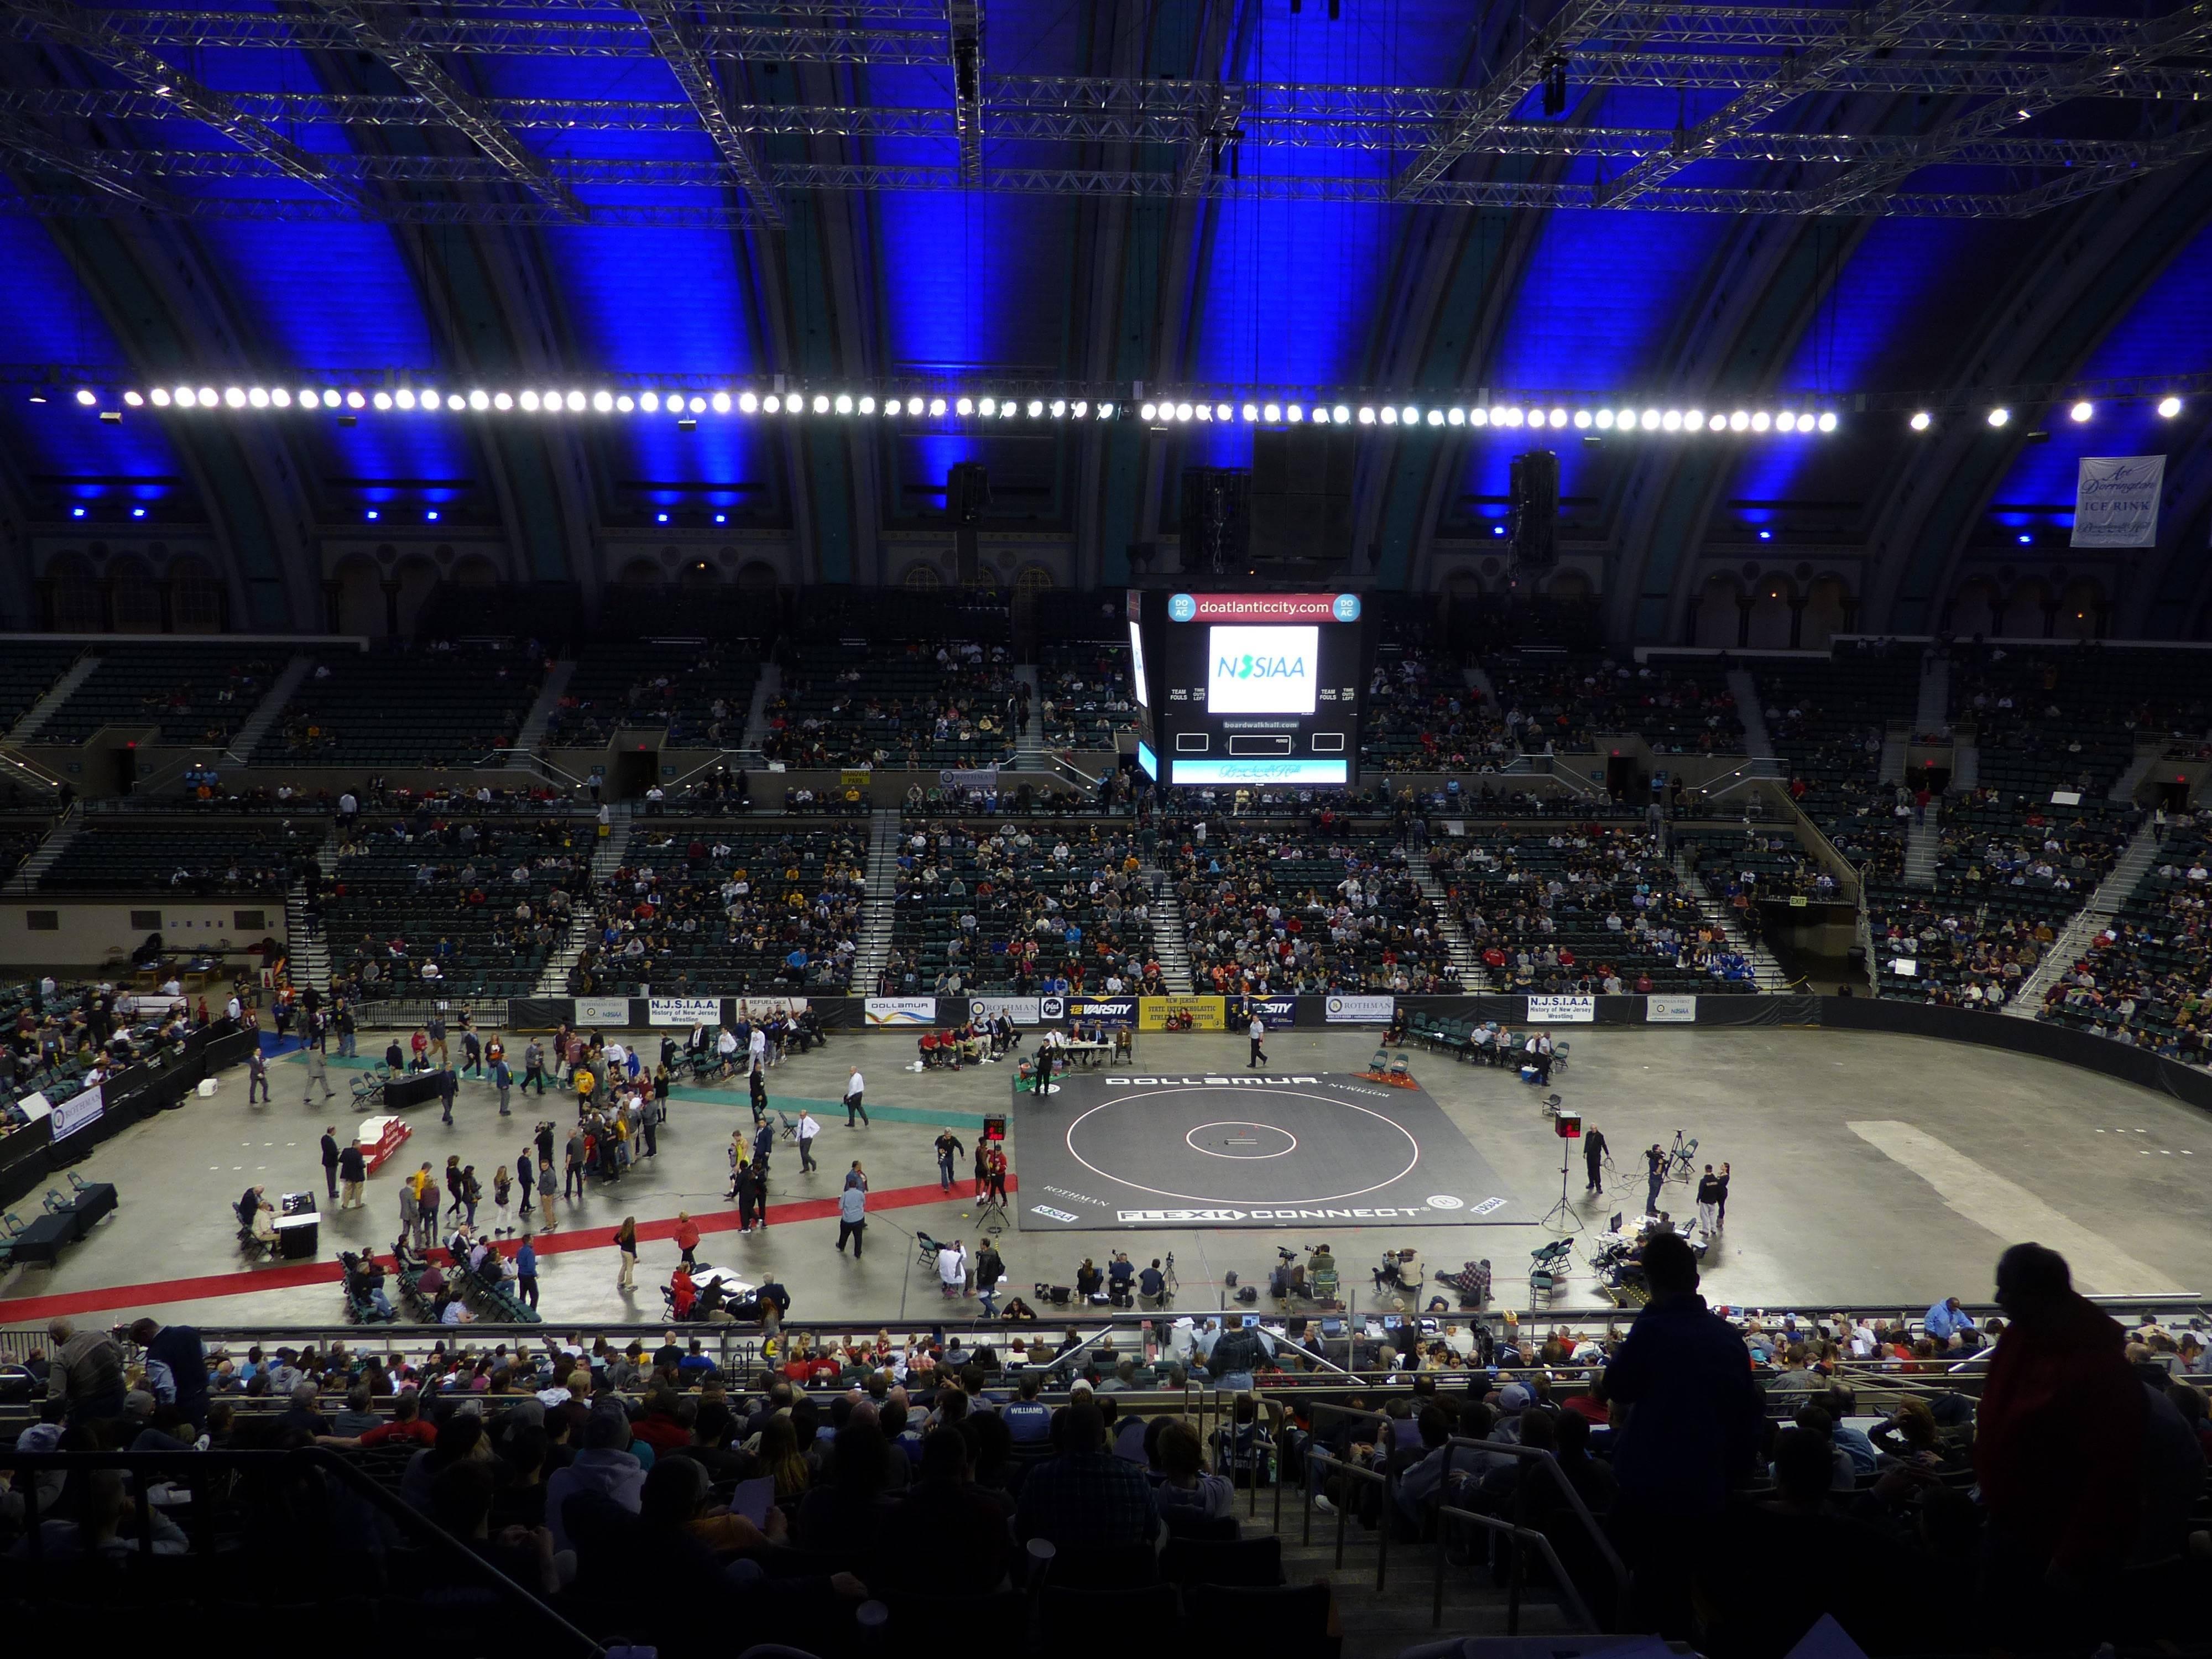 bc78152749f1177b88e7_2017_NJSIAA_Wrestling_Championships.jpg